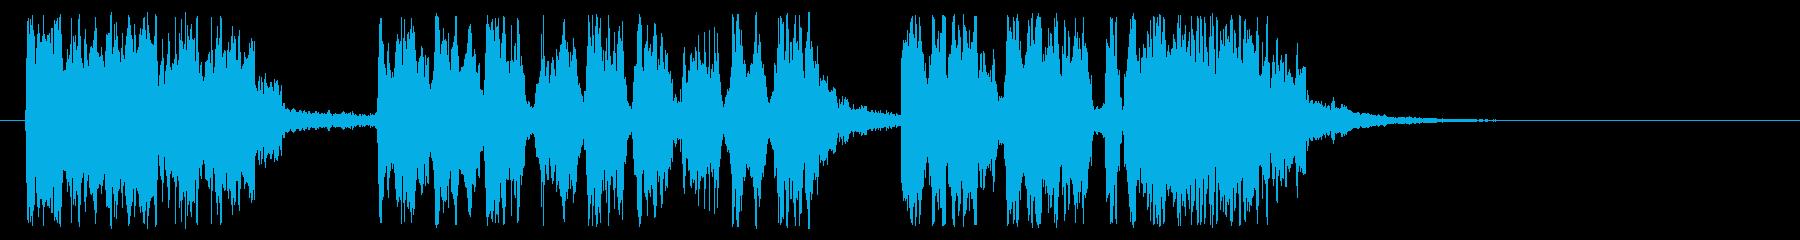 キリスト教のトランペットの再生済みの波形